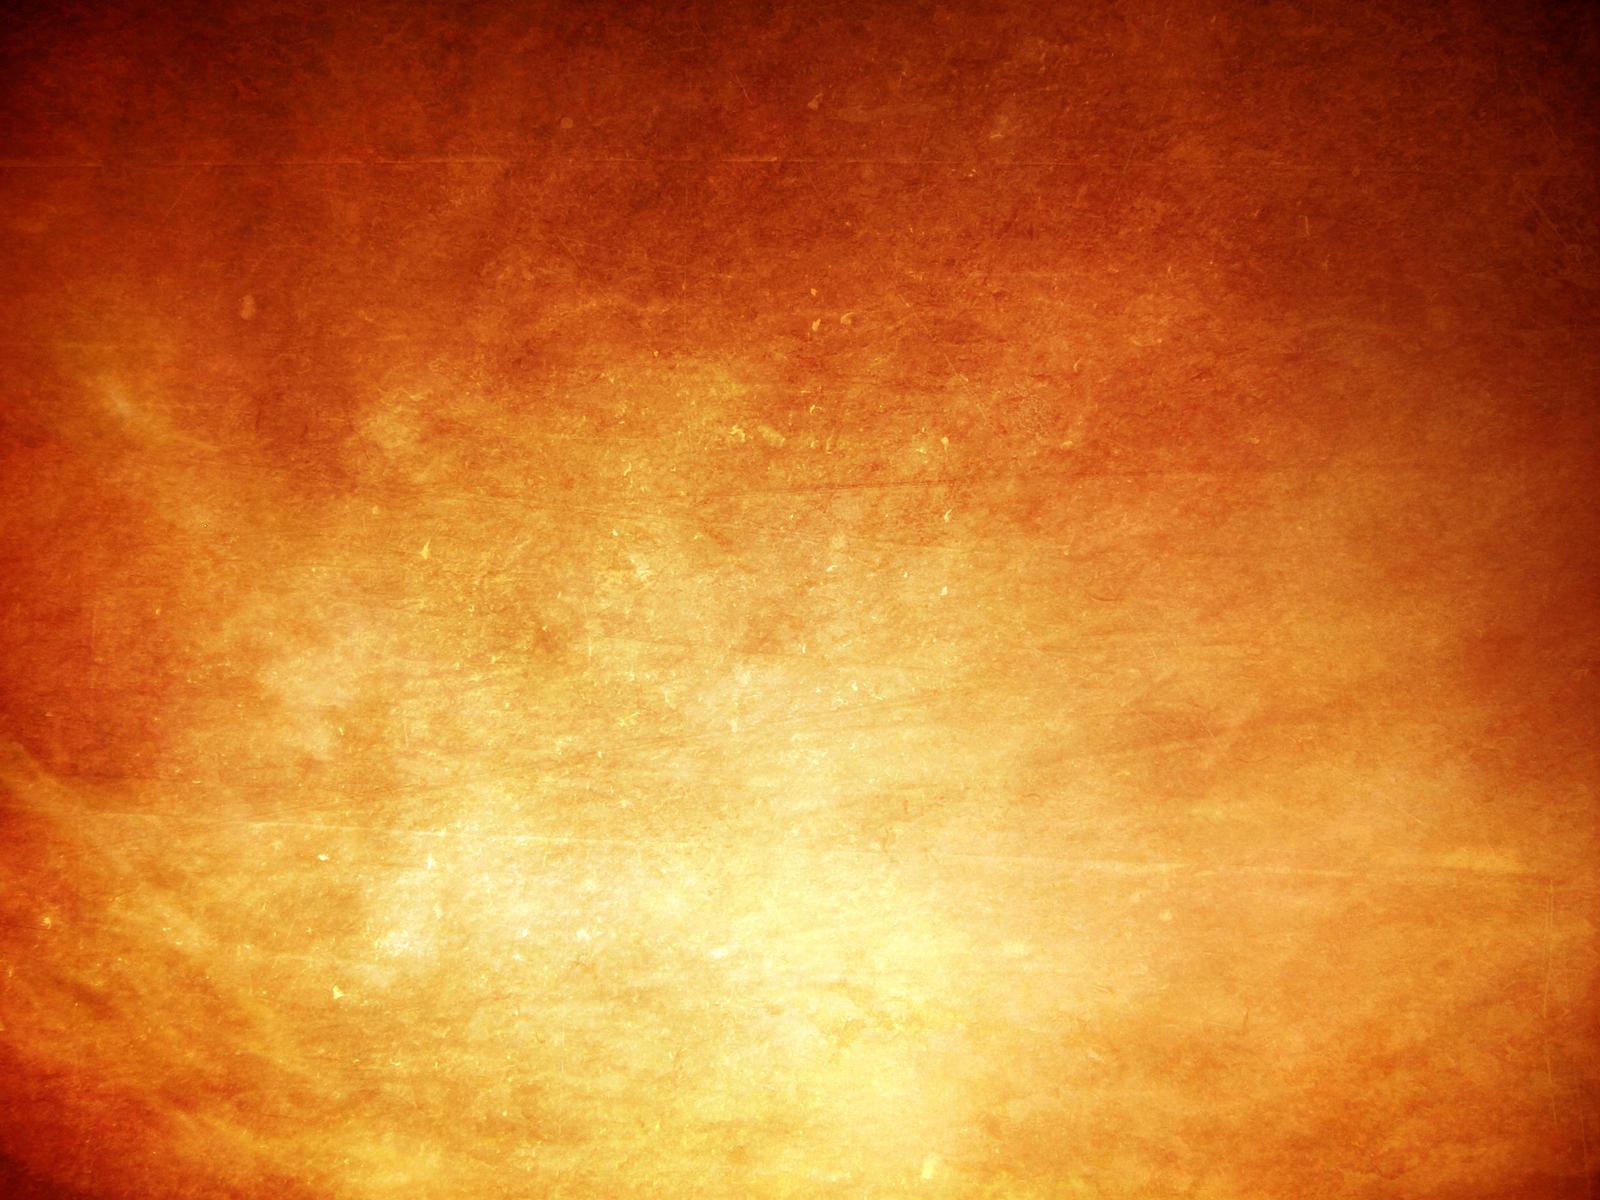 texture 38 by Sirius-sdz